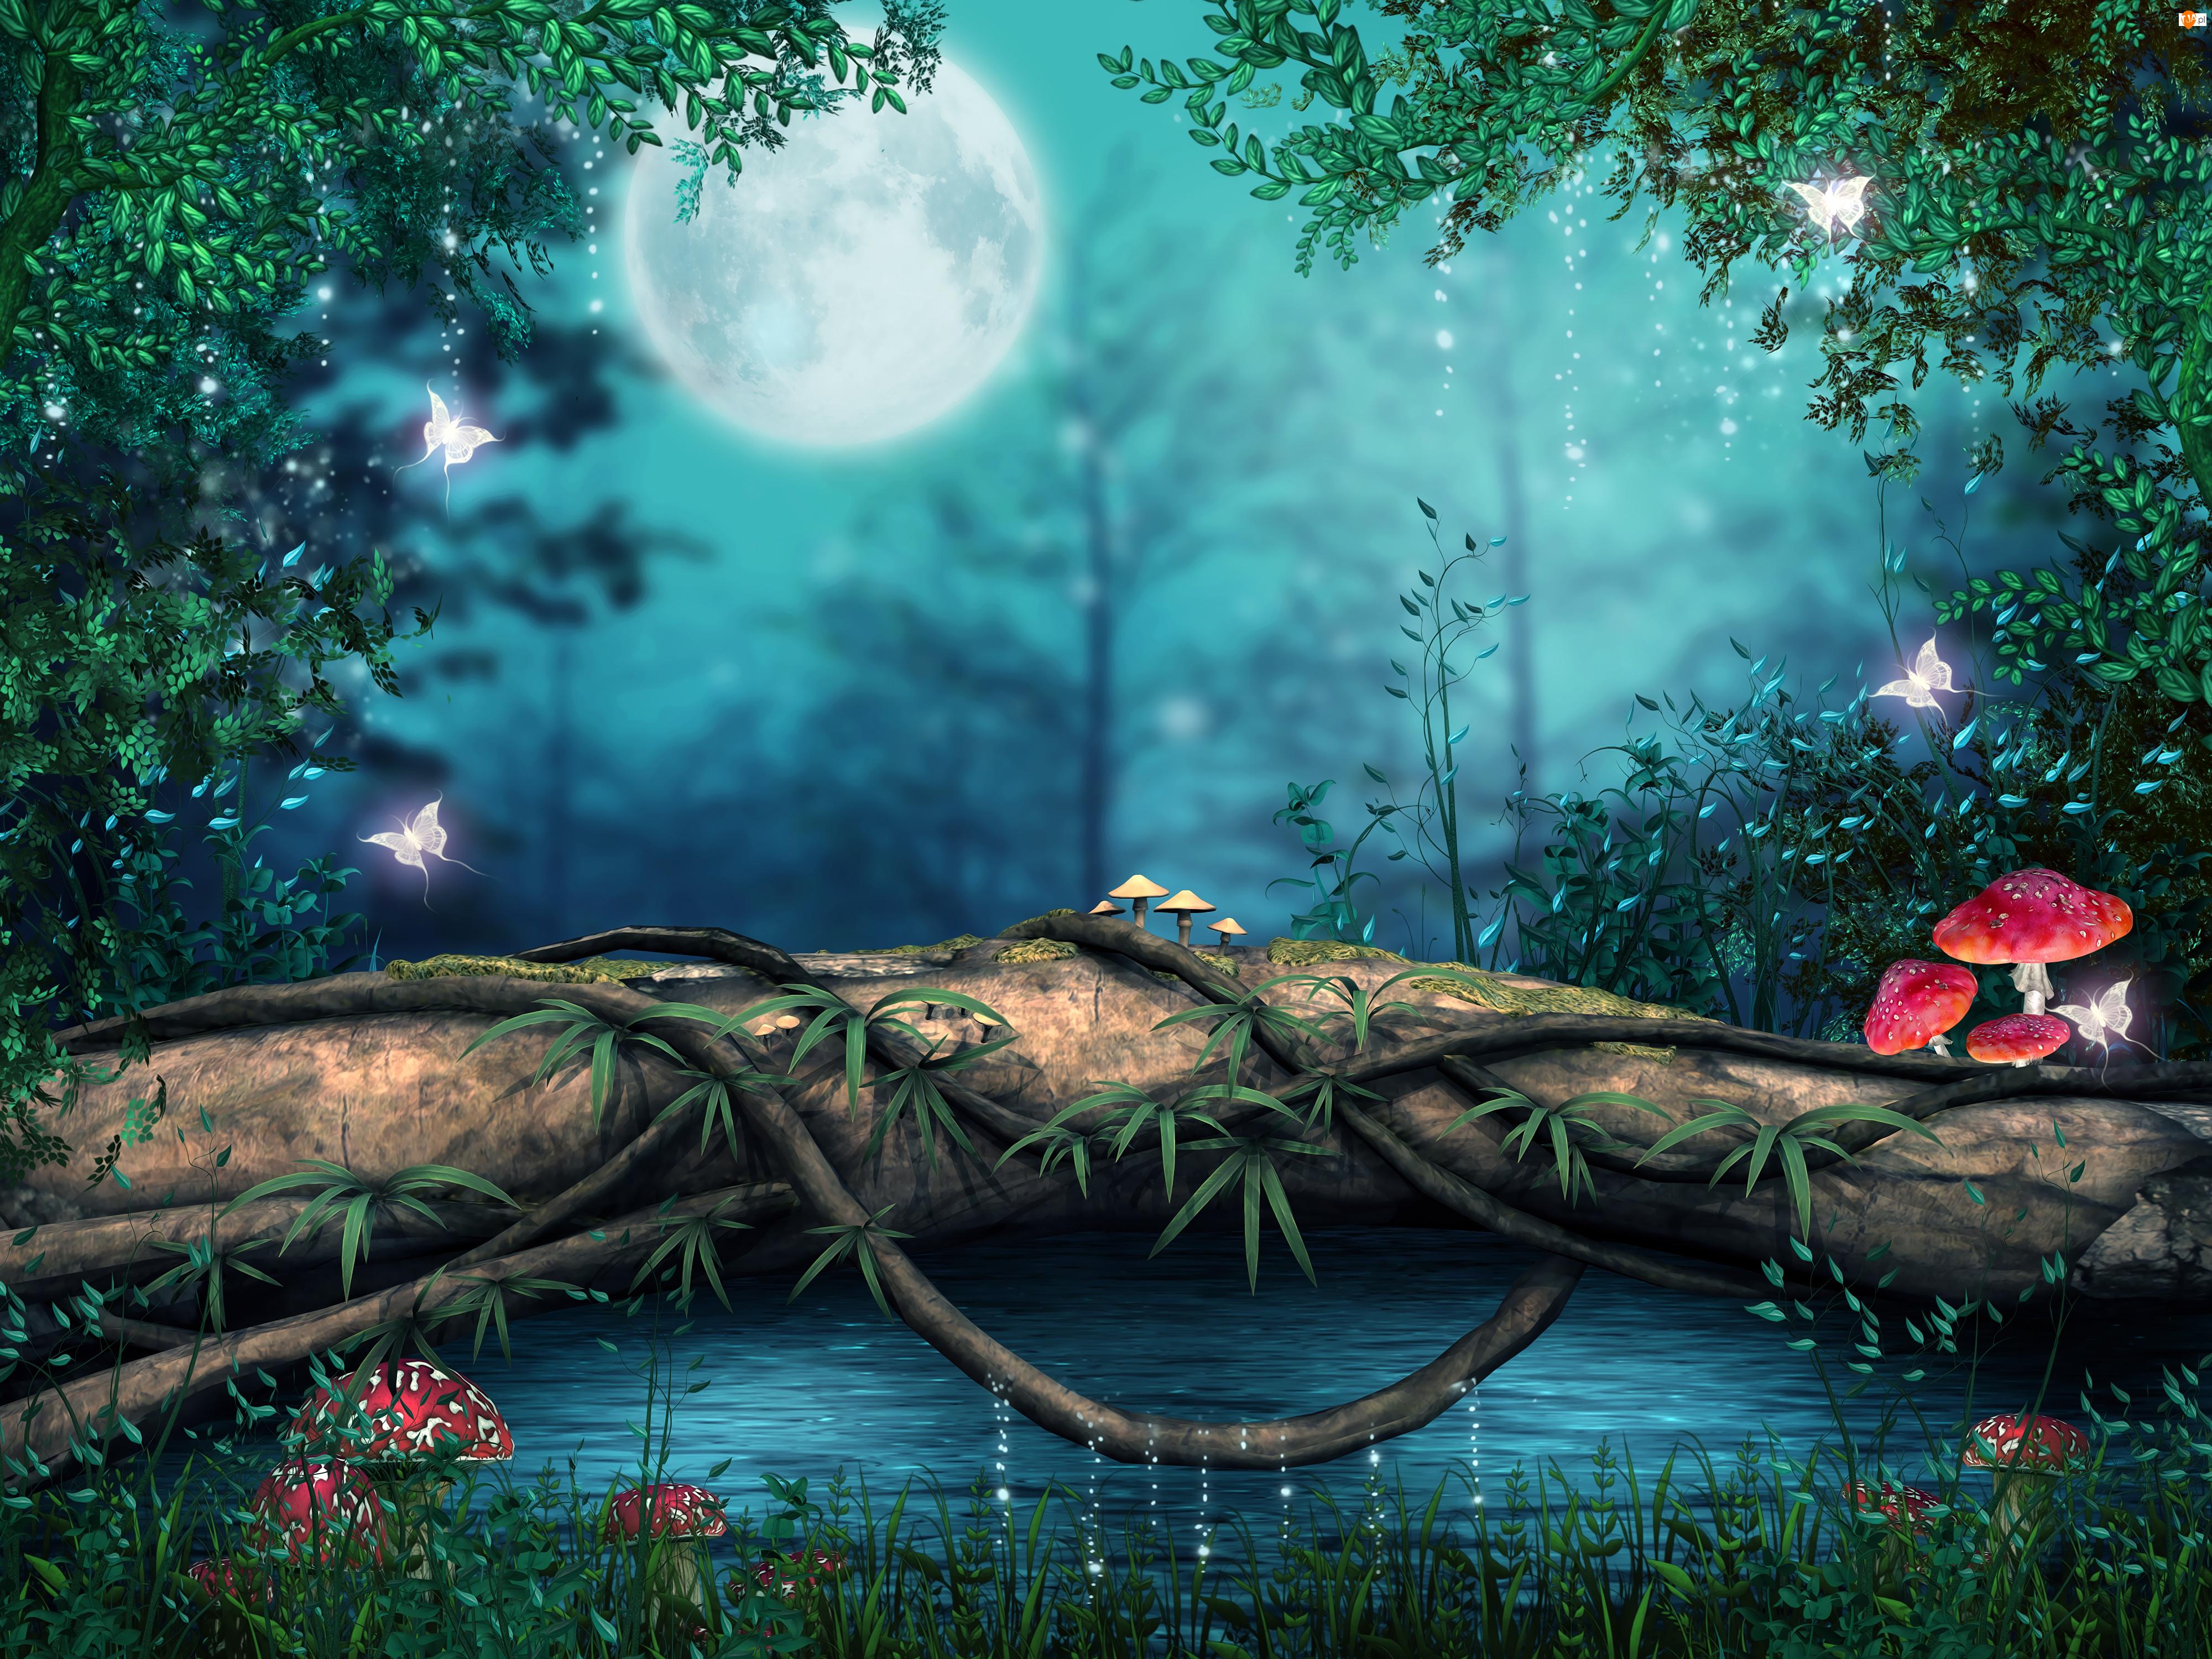 Księżyc, Fantasy, Muchomory, Drzewa, Motyle